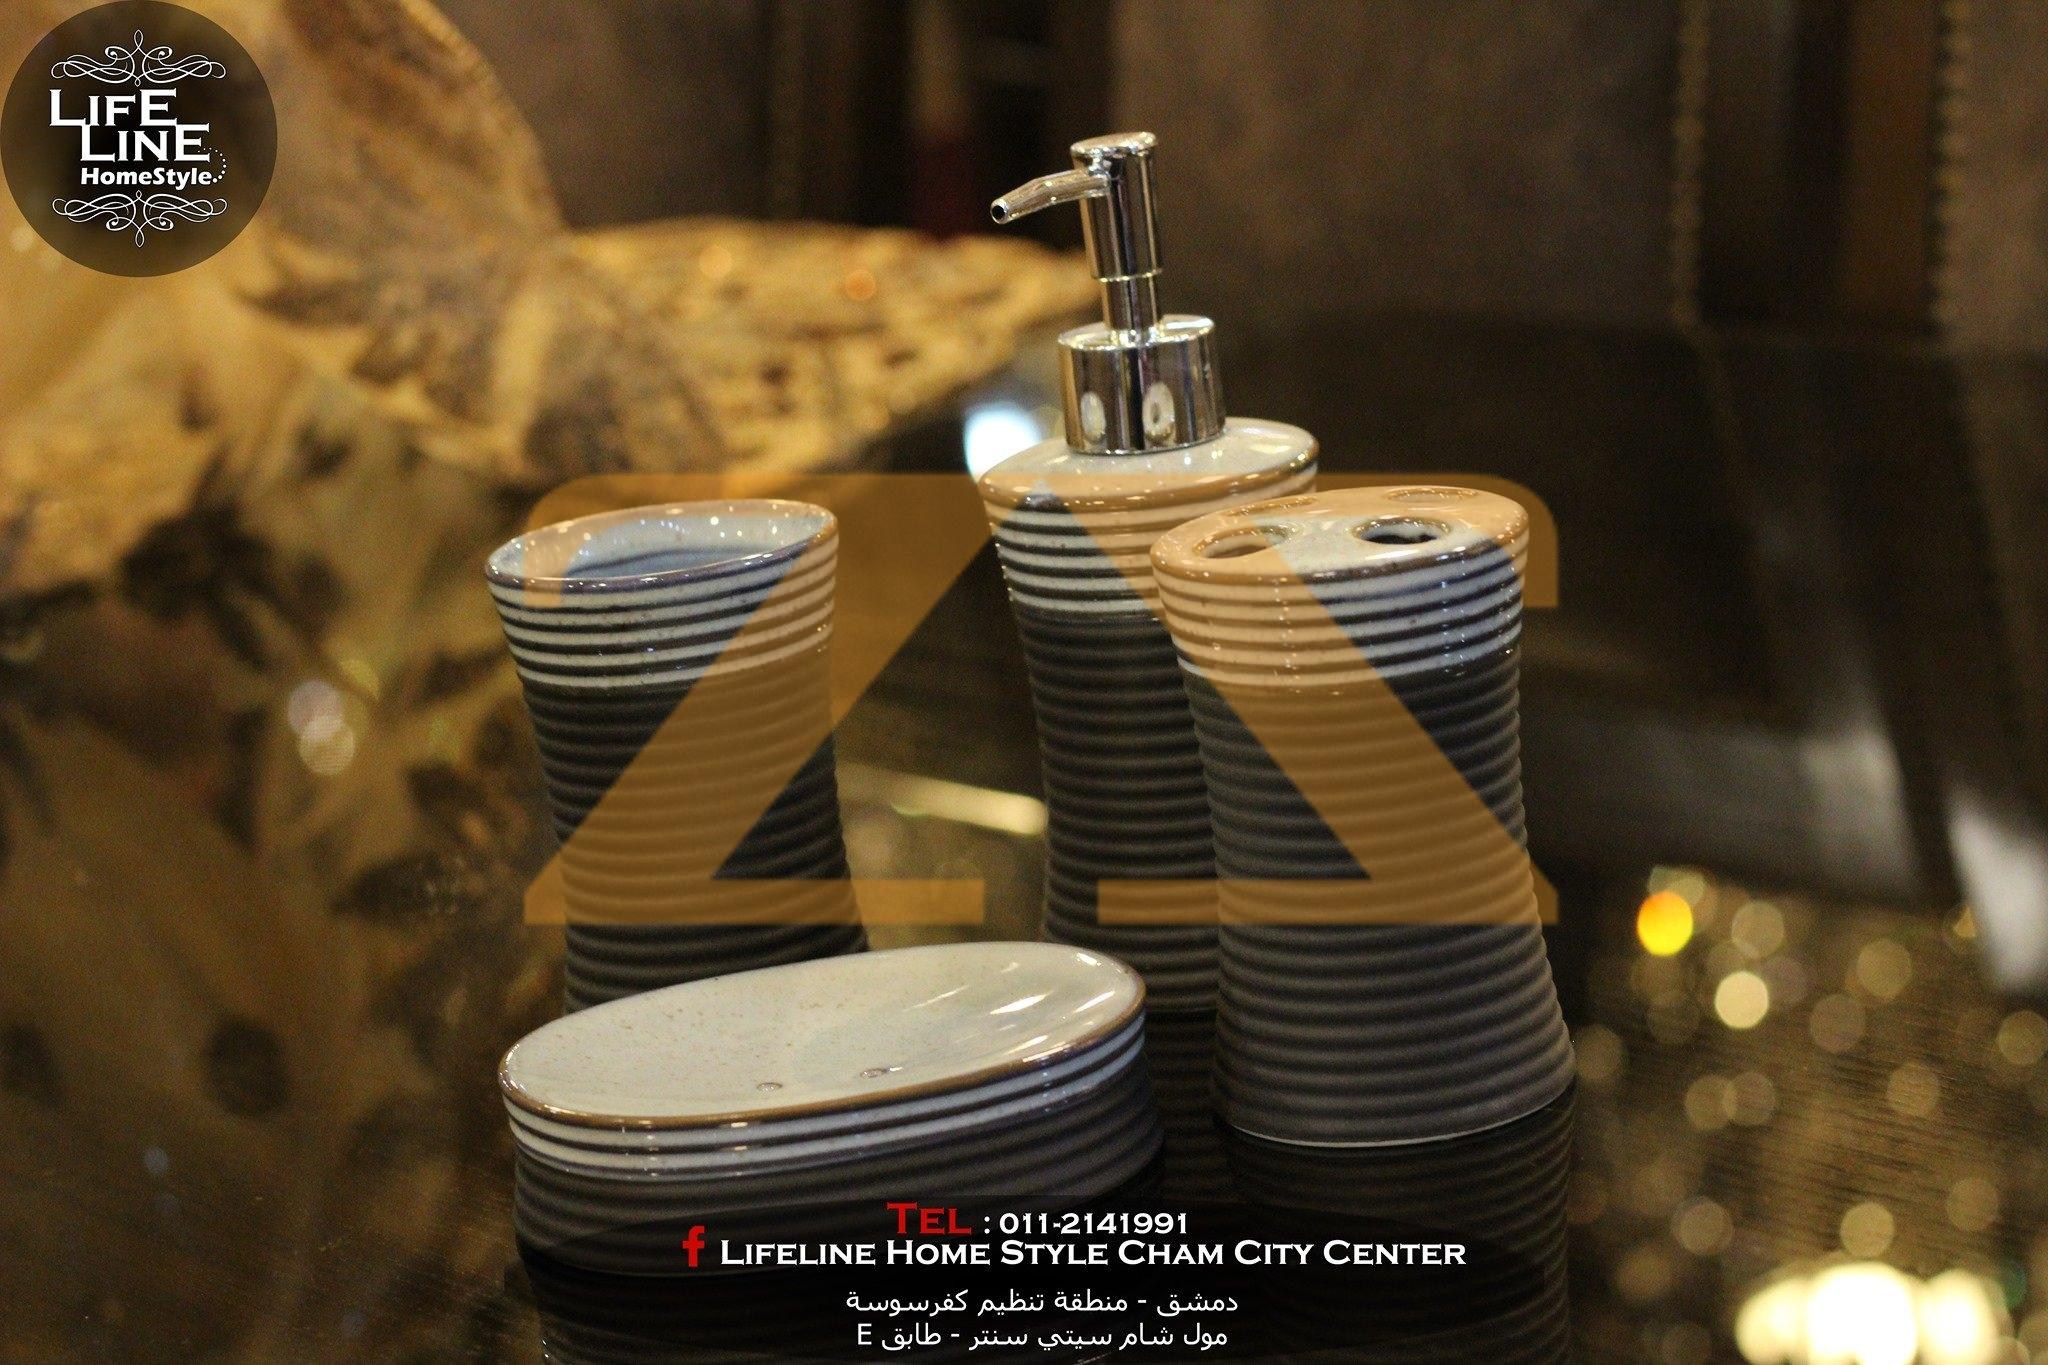 طقومة الحمام من البورسلان